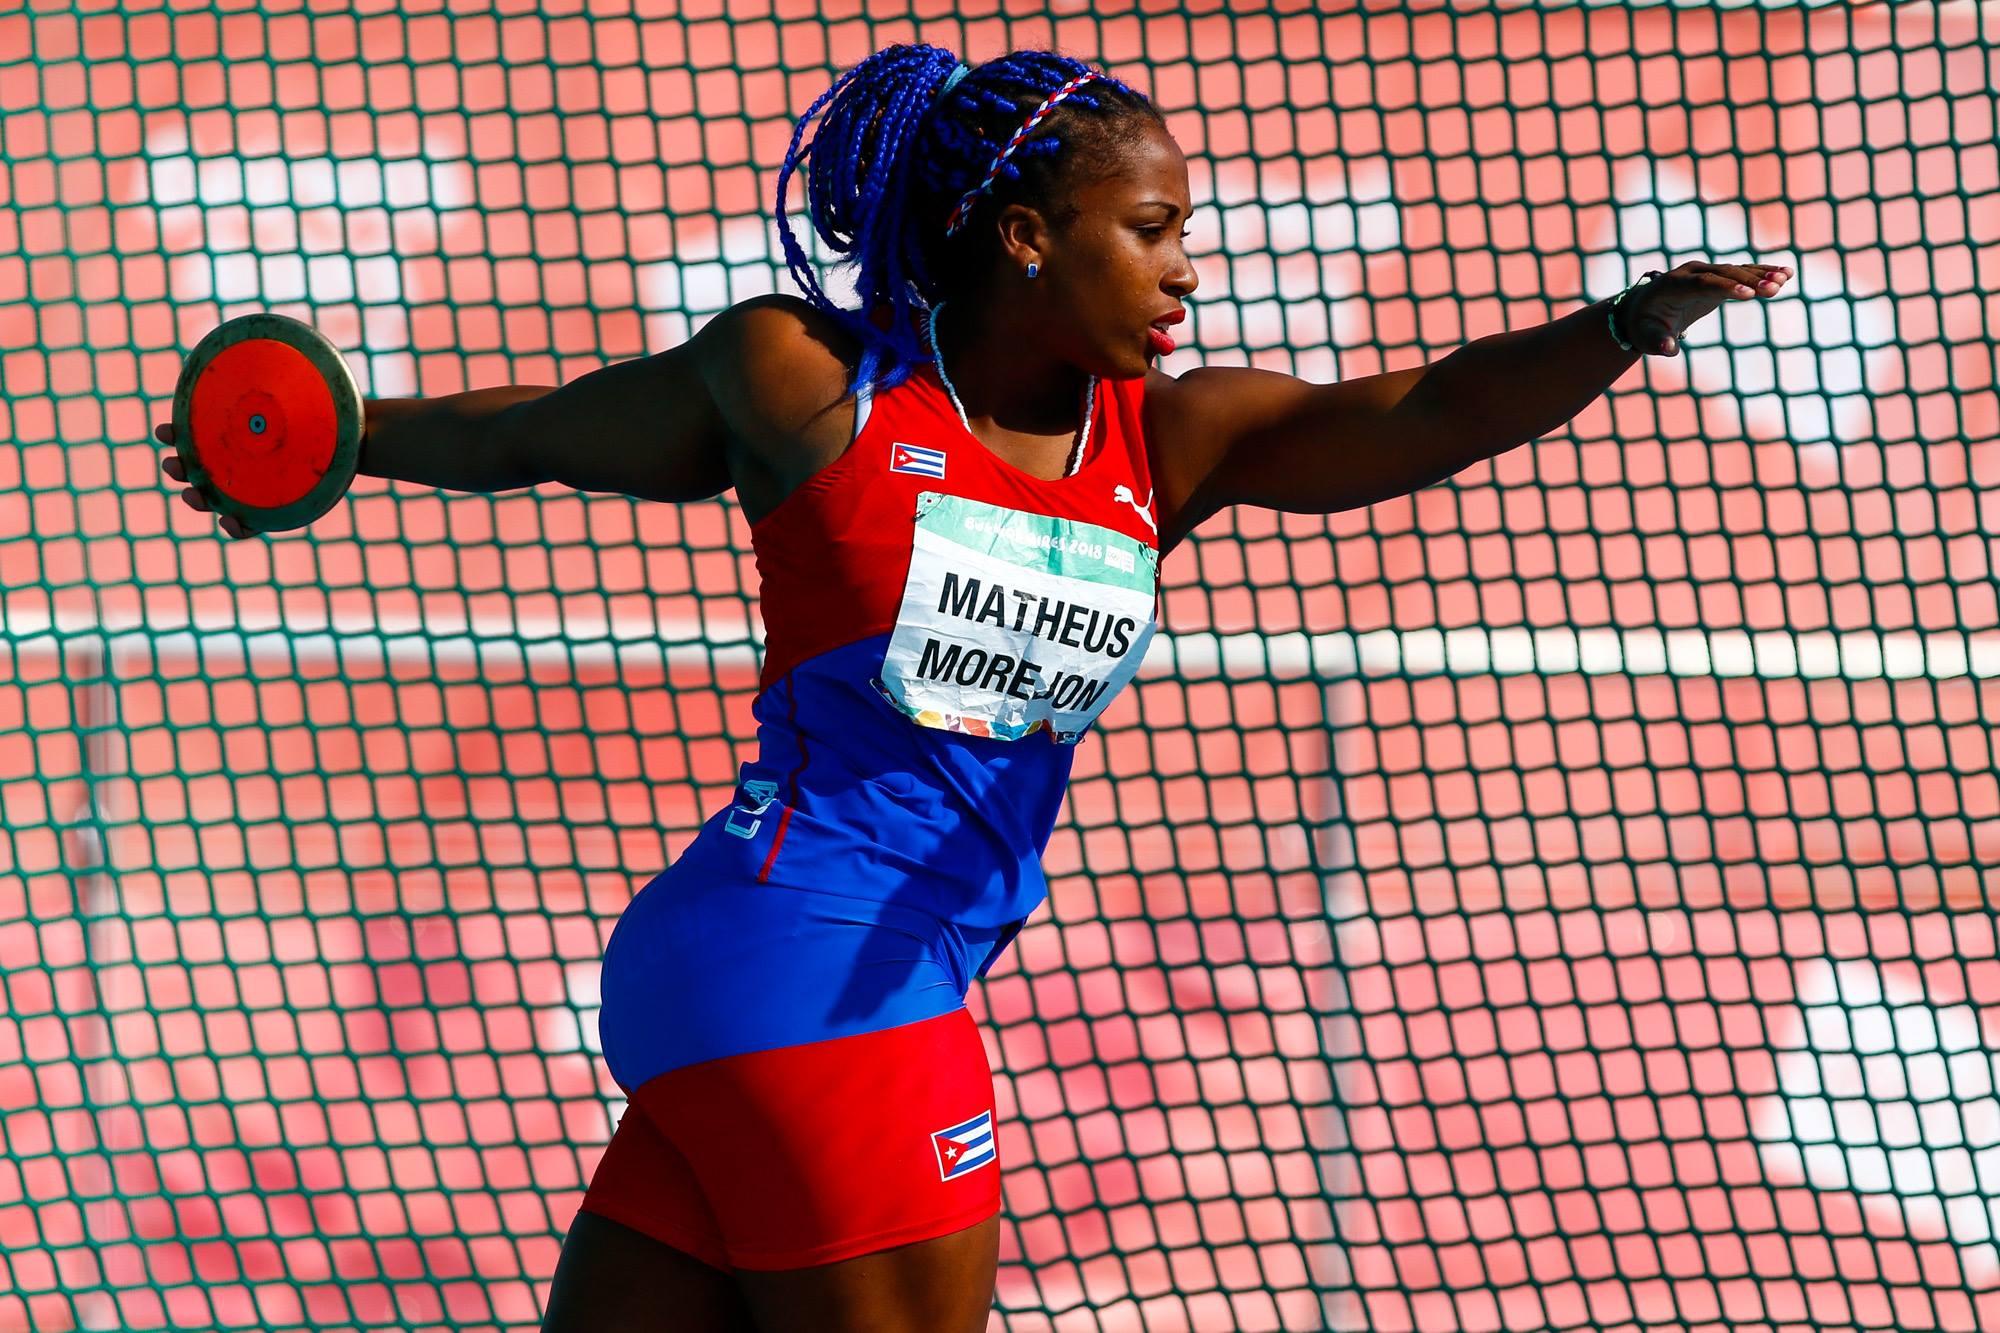 Melany Matheus dio un ejemplo de superación personal en los Juegos Olímpicos de la Juventud. Foto: Calixto N. Llanes